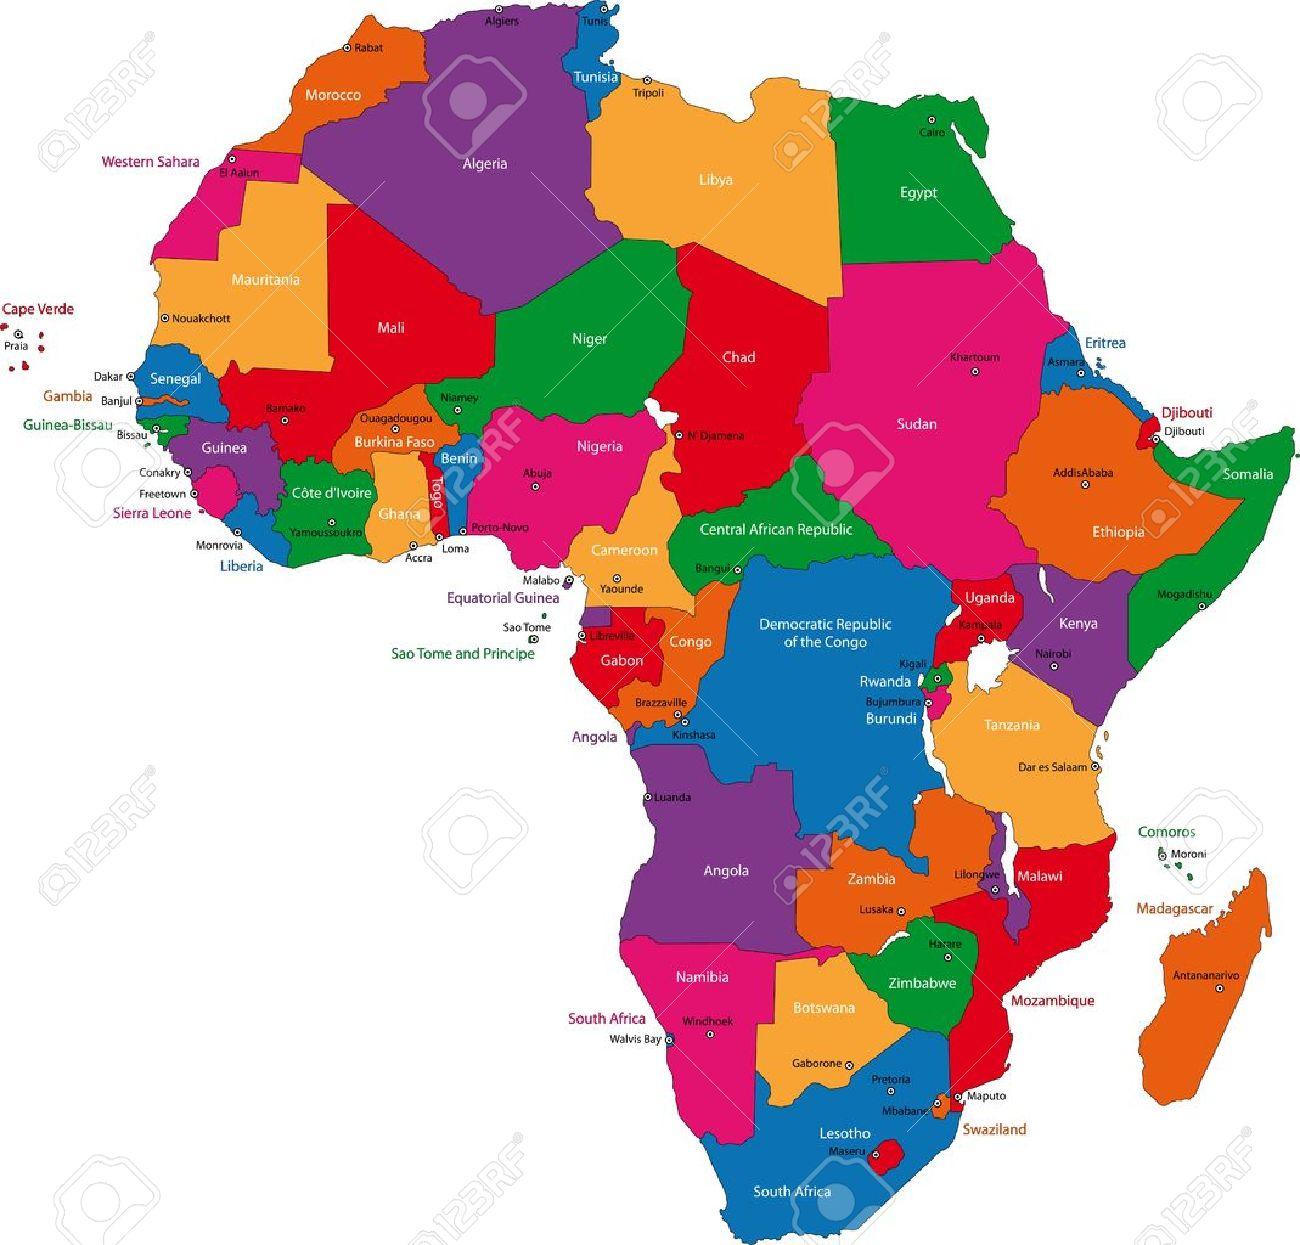 Colorido Mapa De Africa Con Los Paises Y Sus Capitales